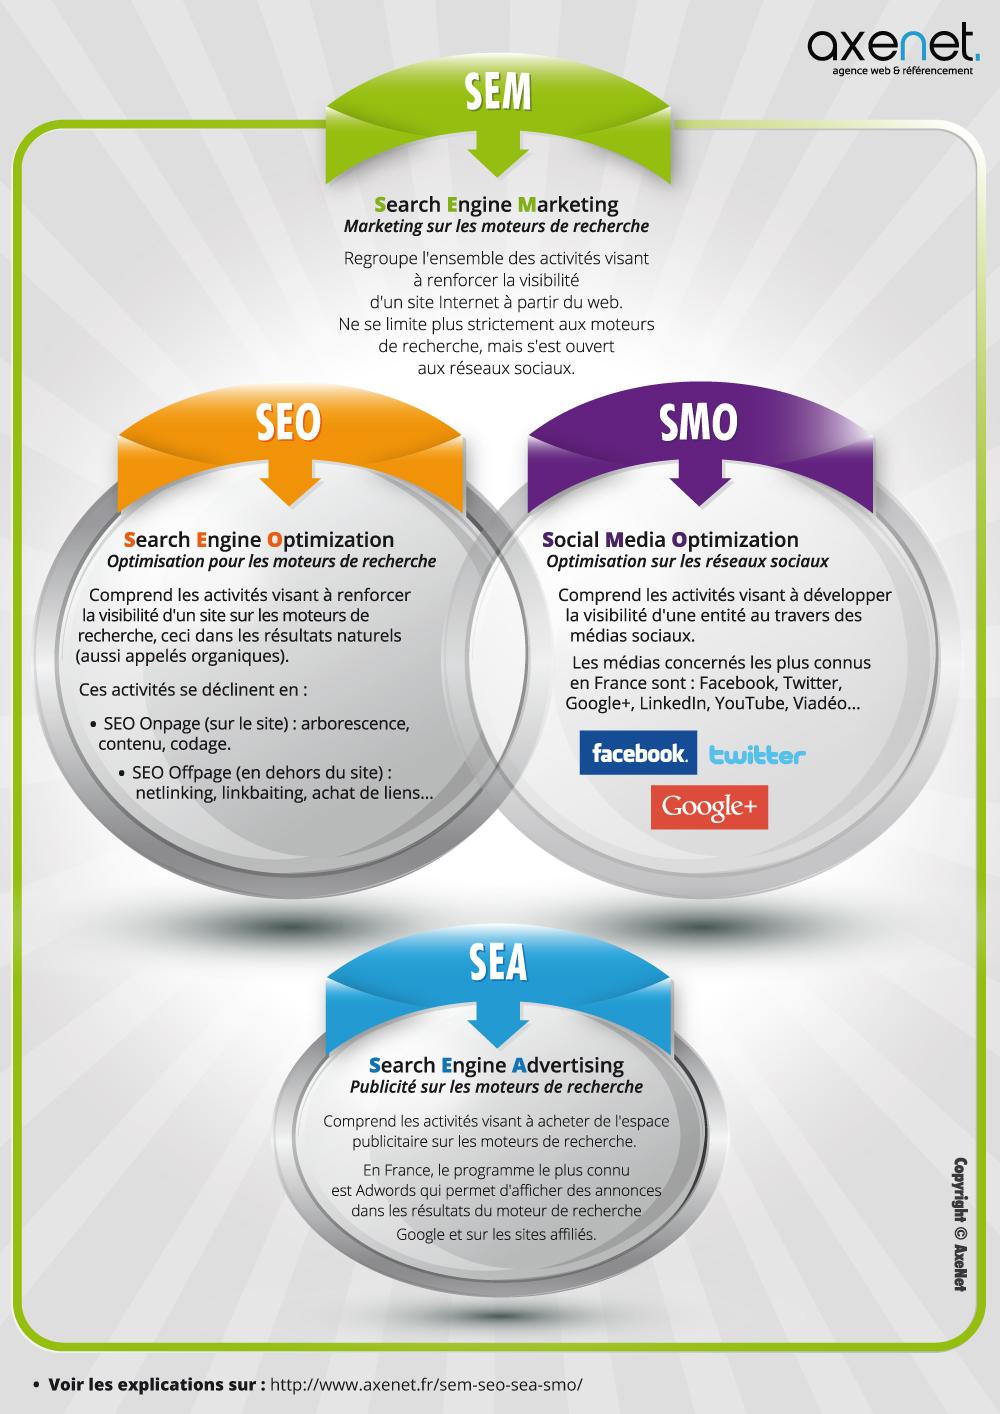 quel est le plus important pour la promotion du site web seo ou smo